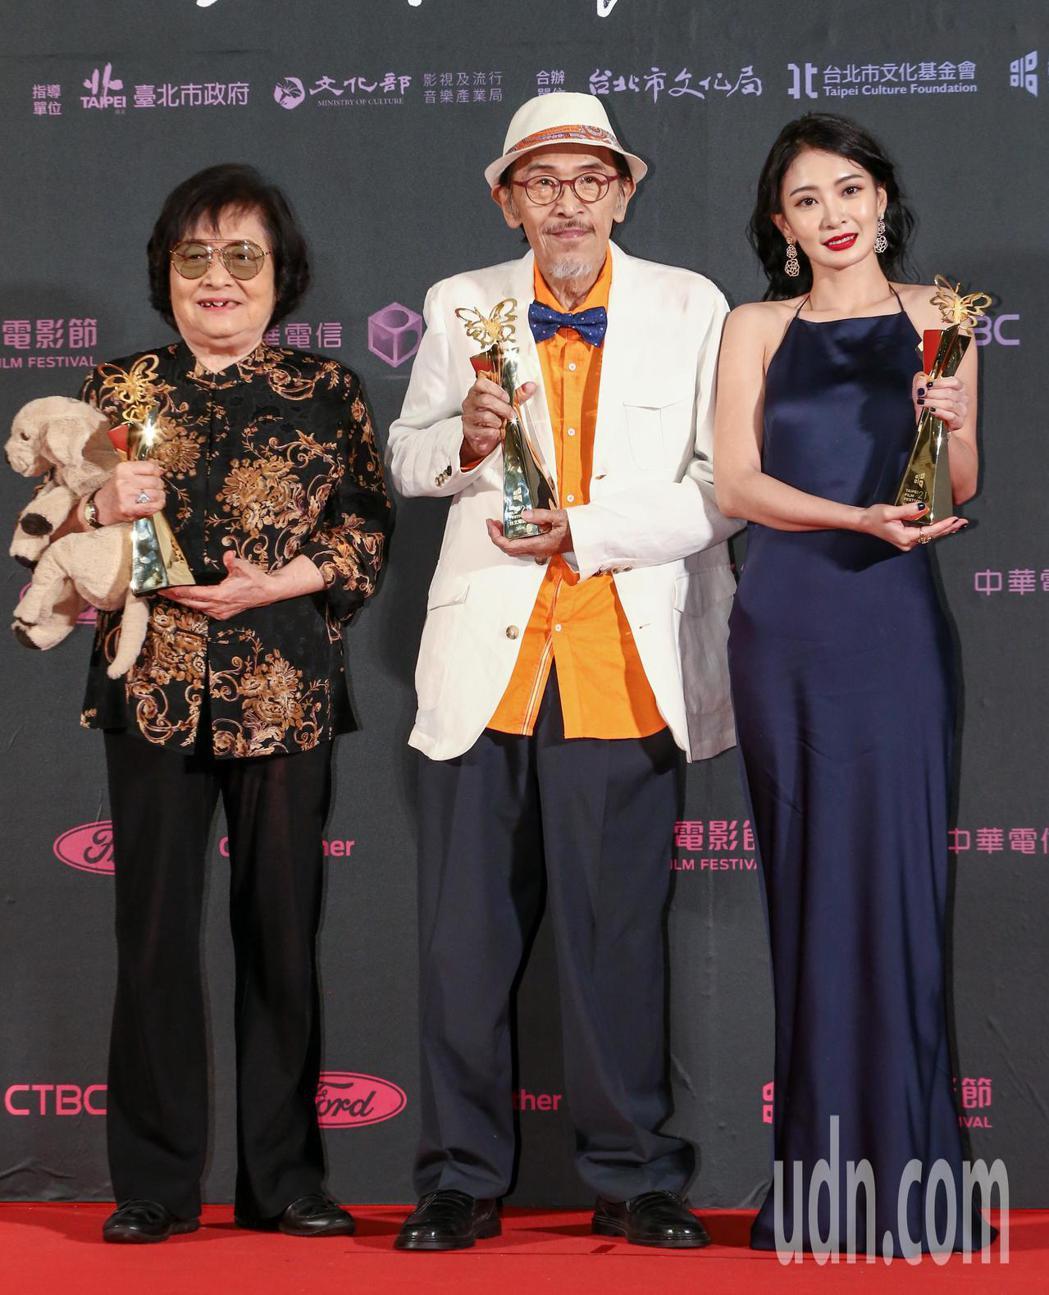 台北電影獎最佳女主角劉引商(左),與李亦捷(右),與最佳男主角小戽斗(中)合影。...